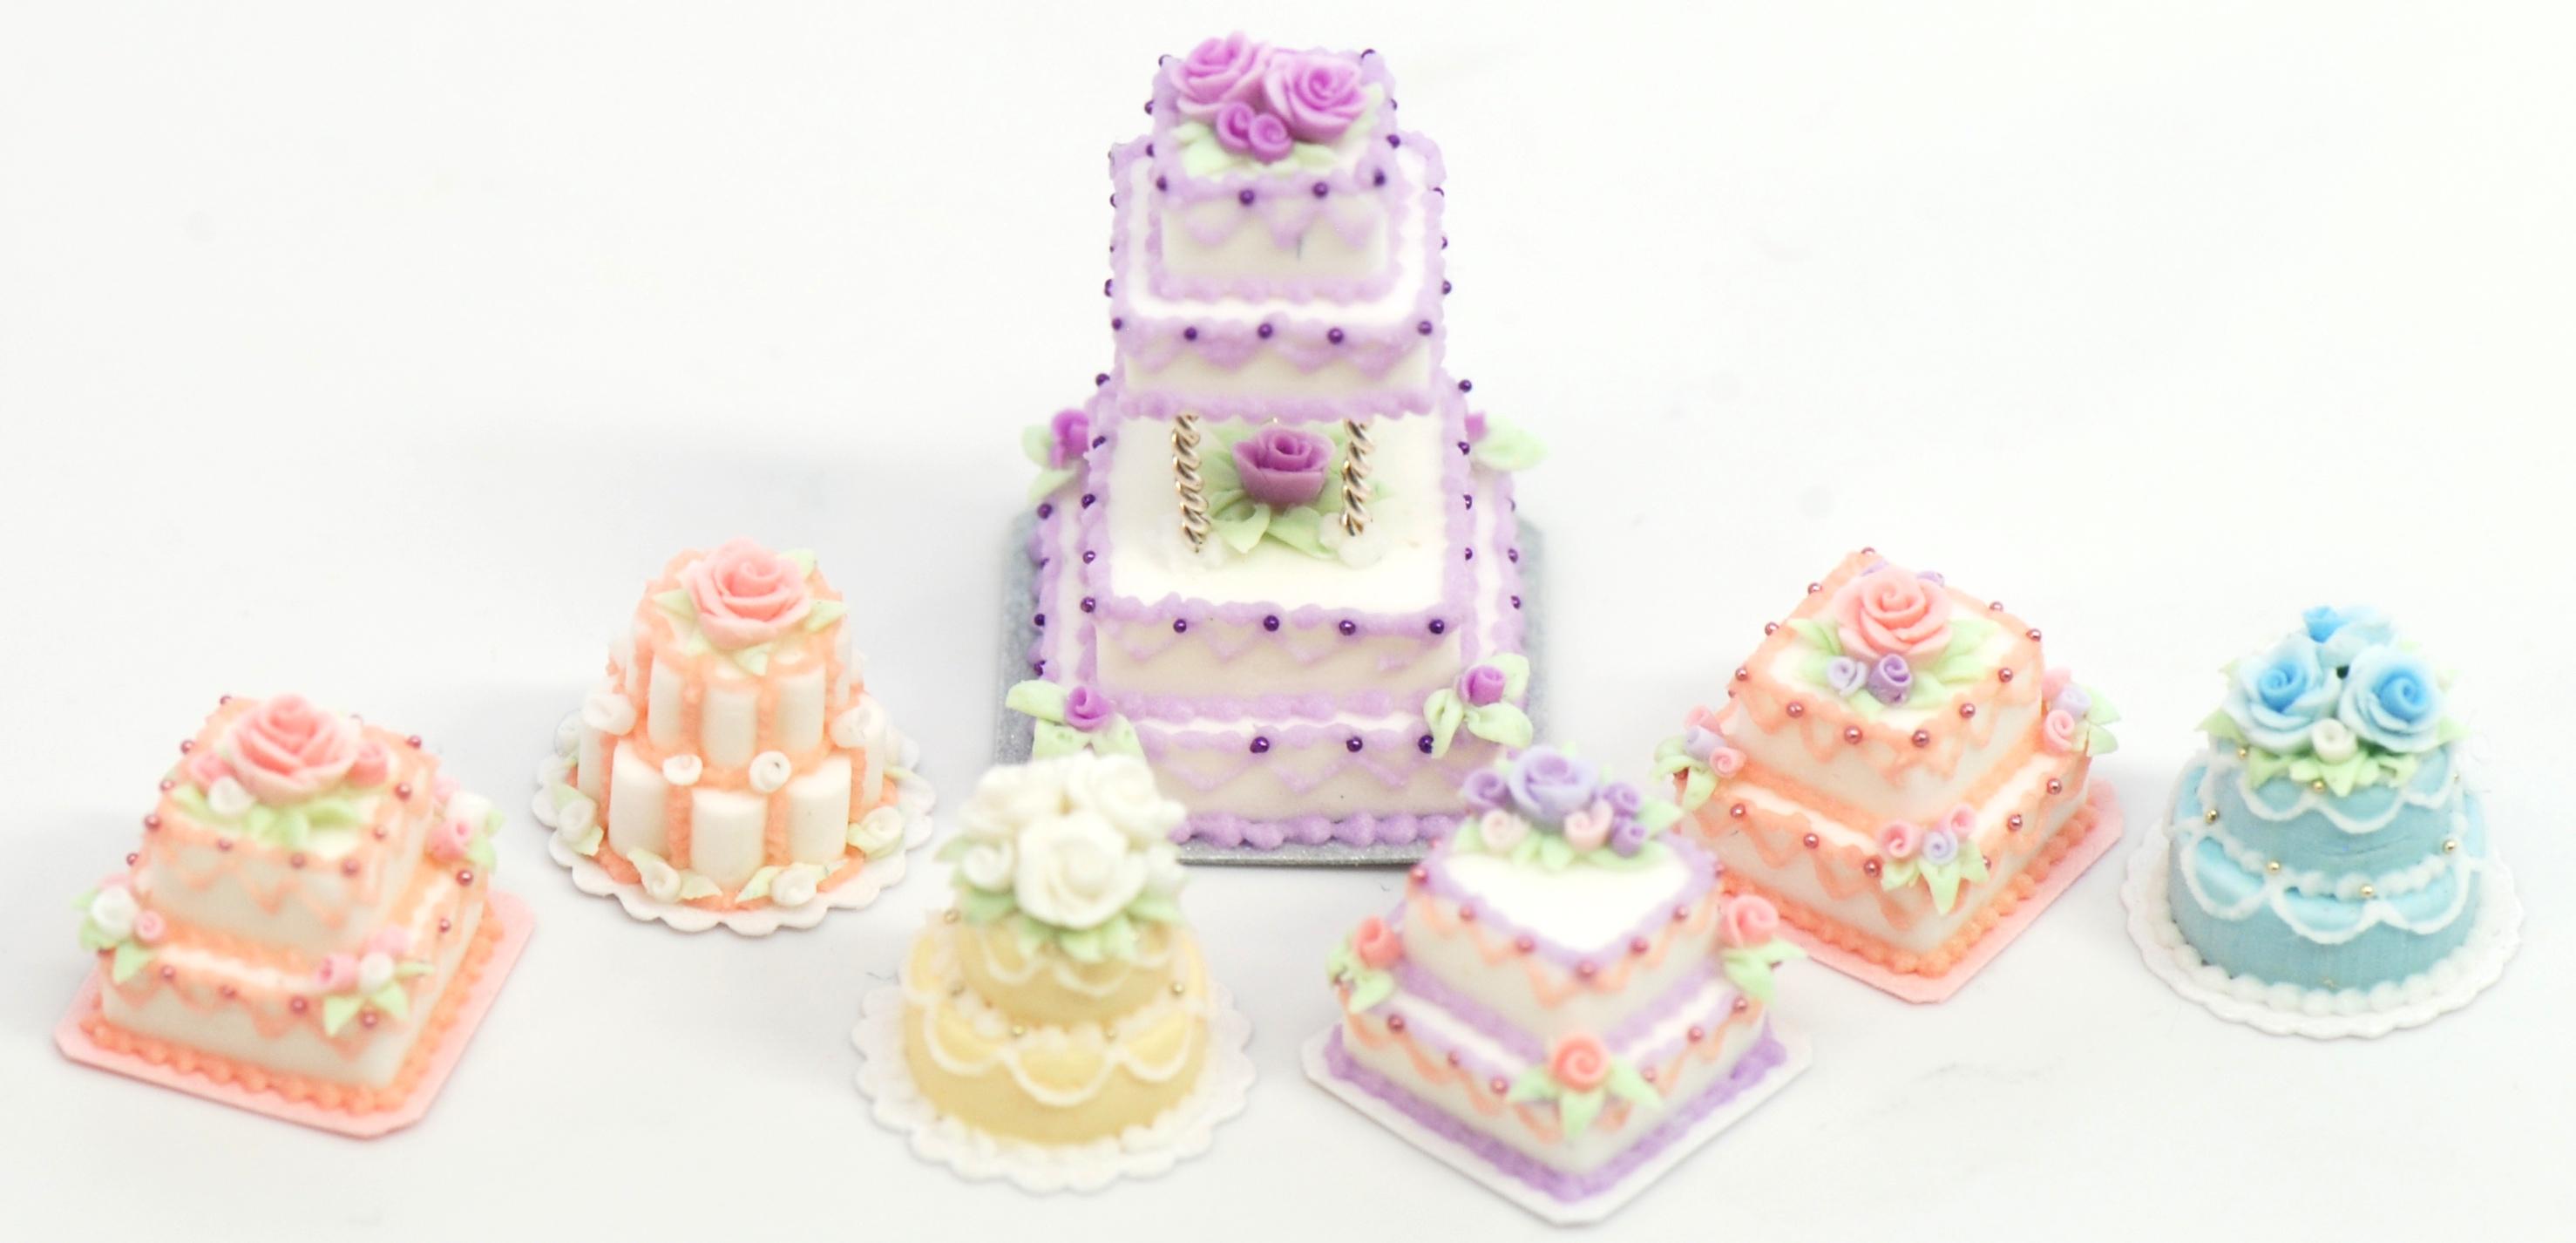 Cake Decorating Kits Wholesale